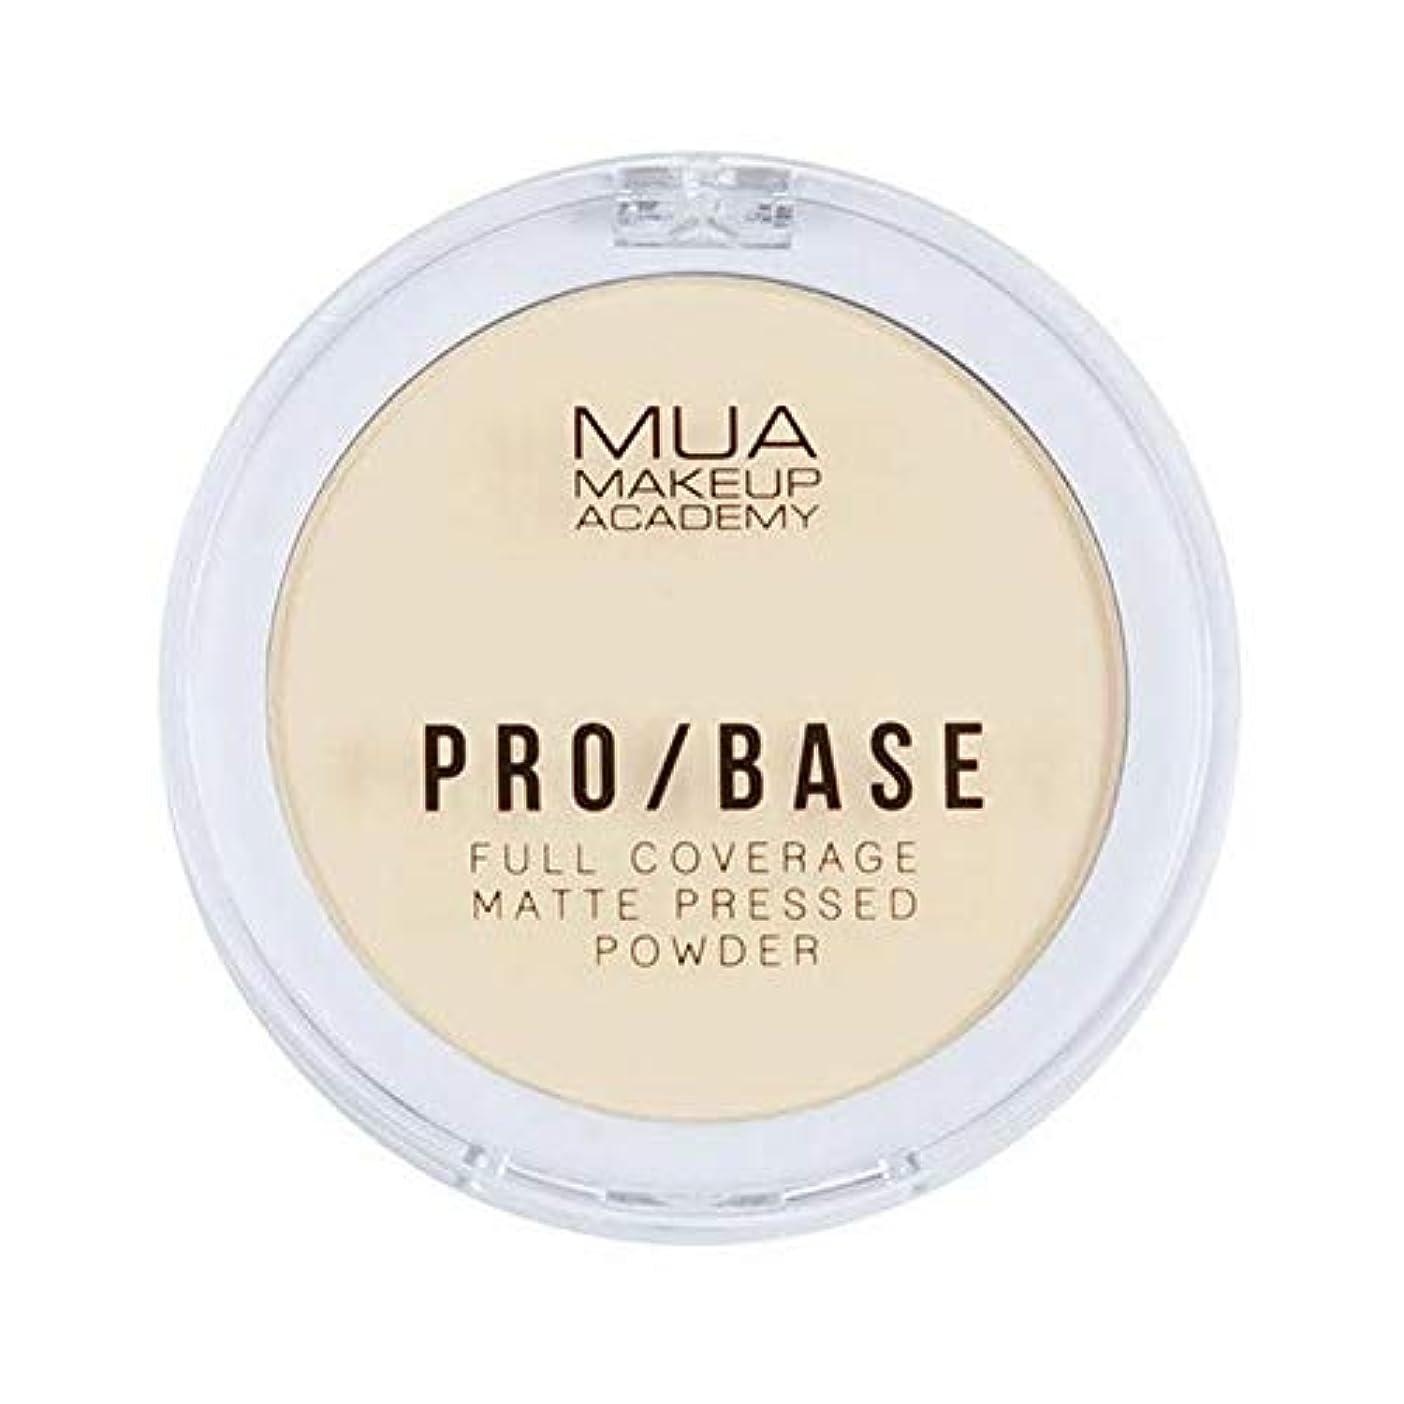 倉庫型ナプキン[MUA] Muaプロ/ベースのフルカバレッジマットパウダー#100 - MUA Pro/Base Full Coverage Matte Powder #100 [並行輸入品]